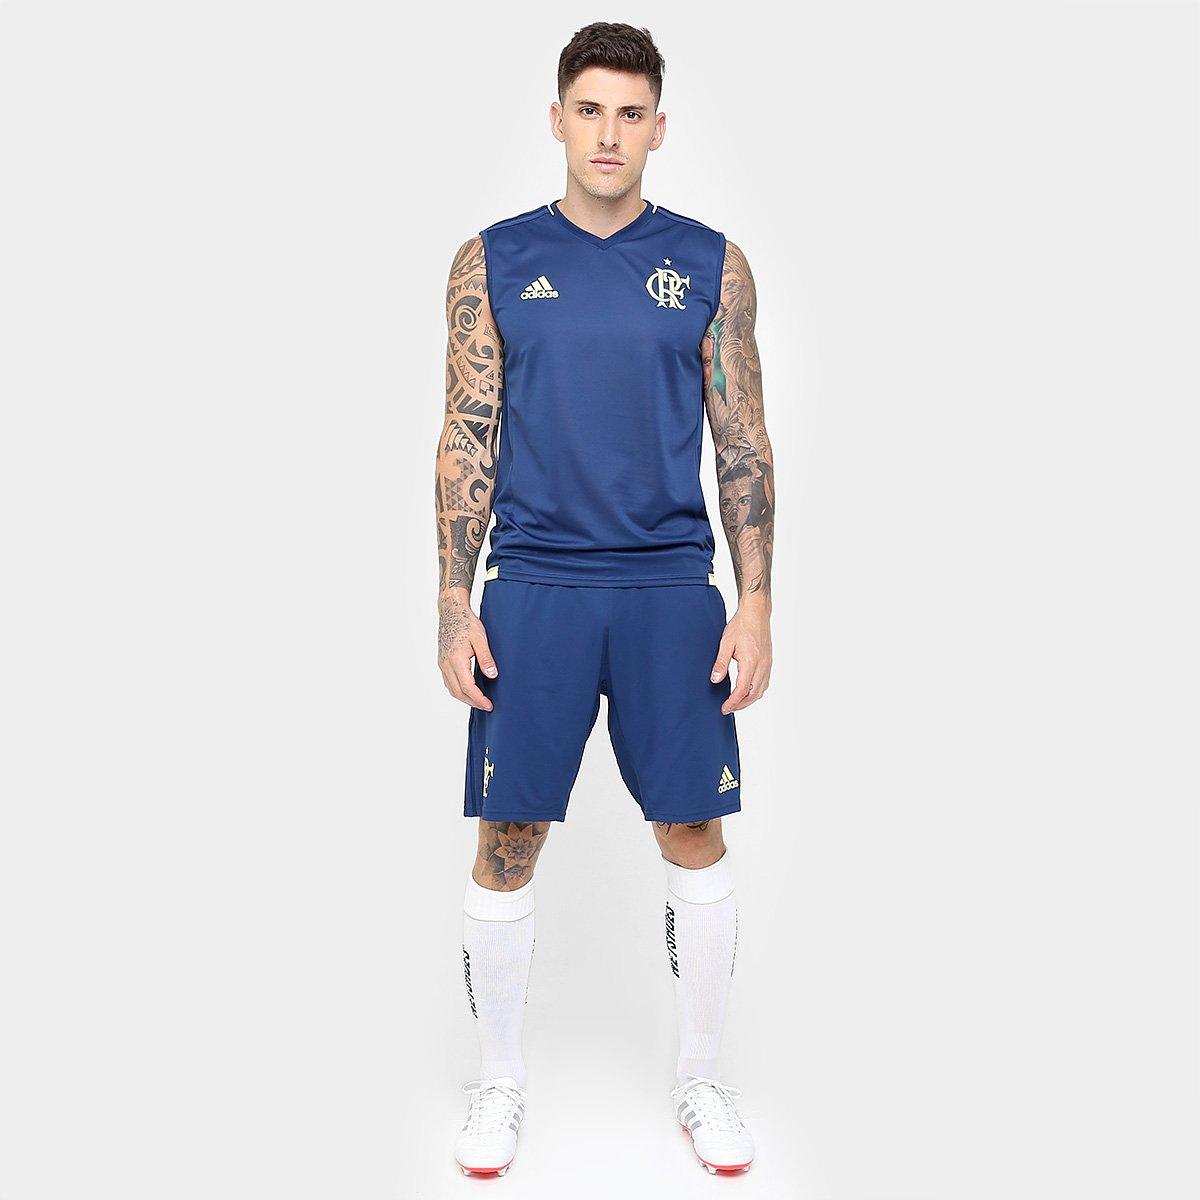 68824ae71b Camiseta Regata Flamengo Adidas Treino Masculina - Compre Agora ...